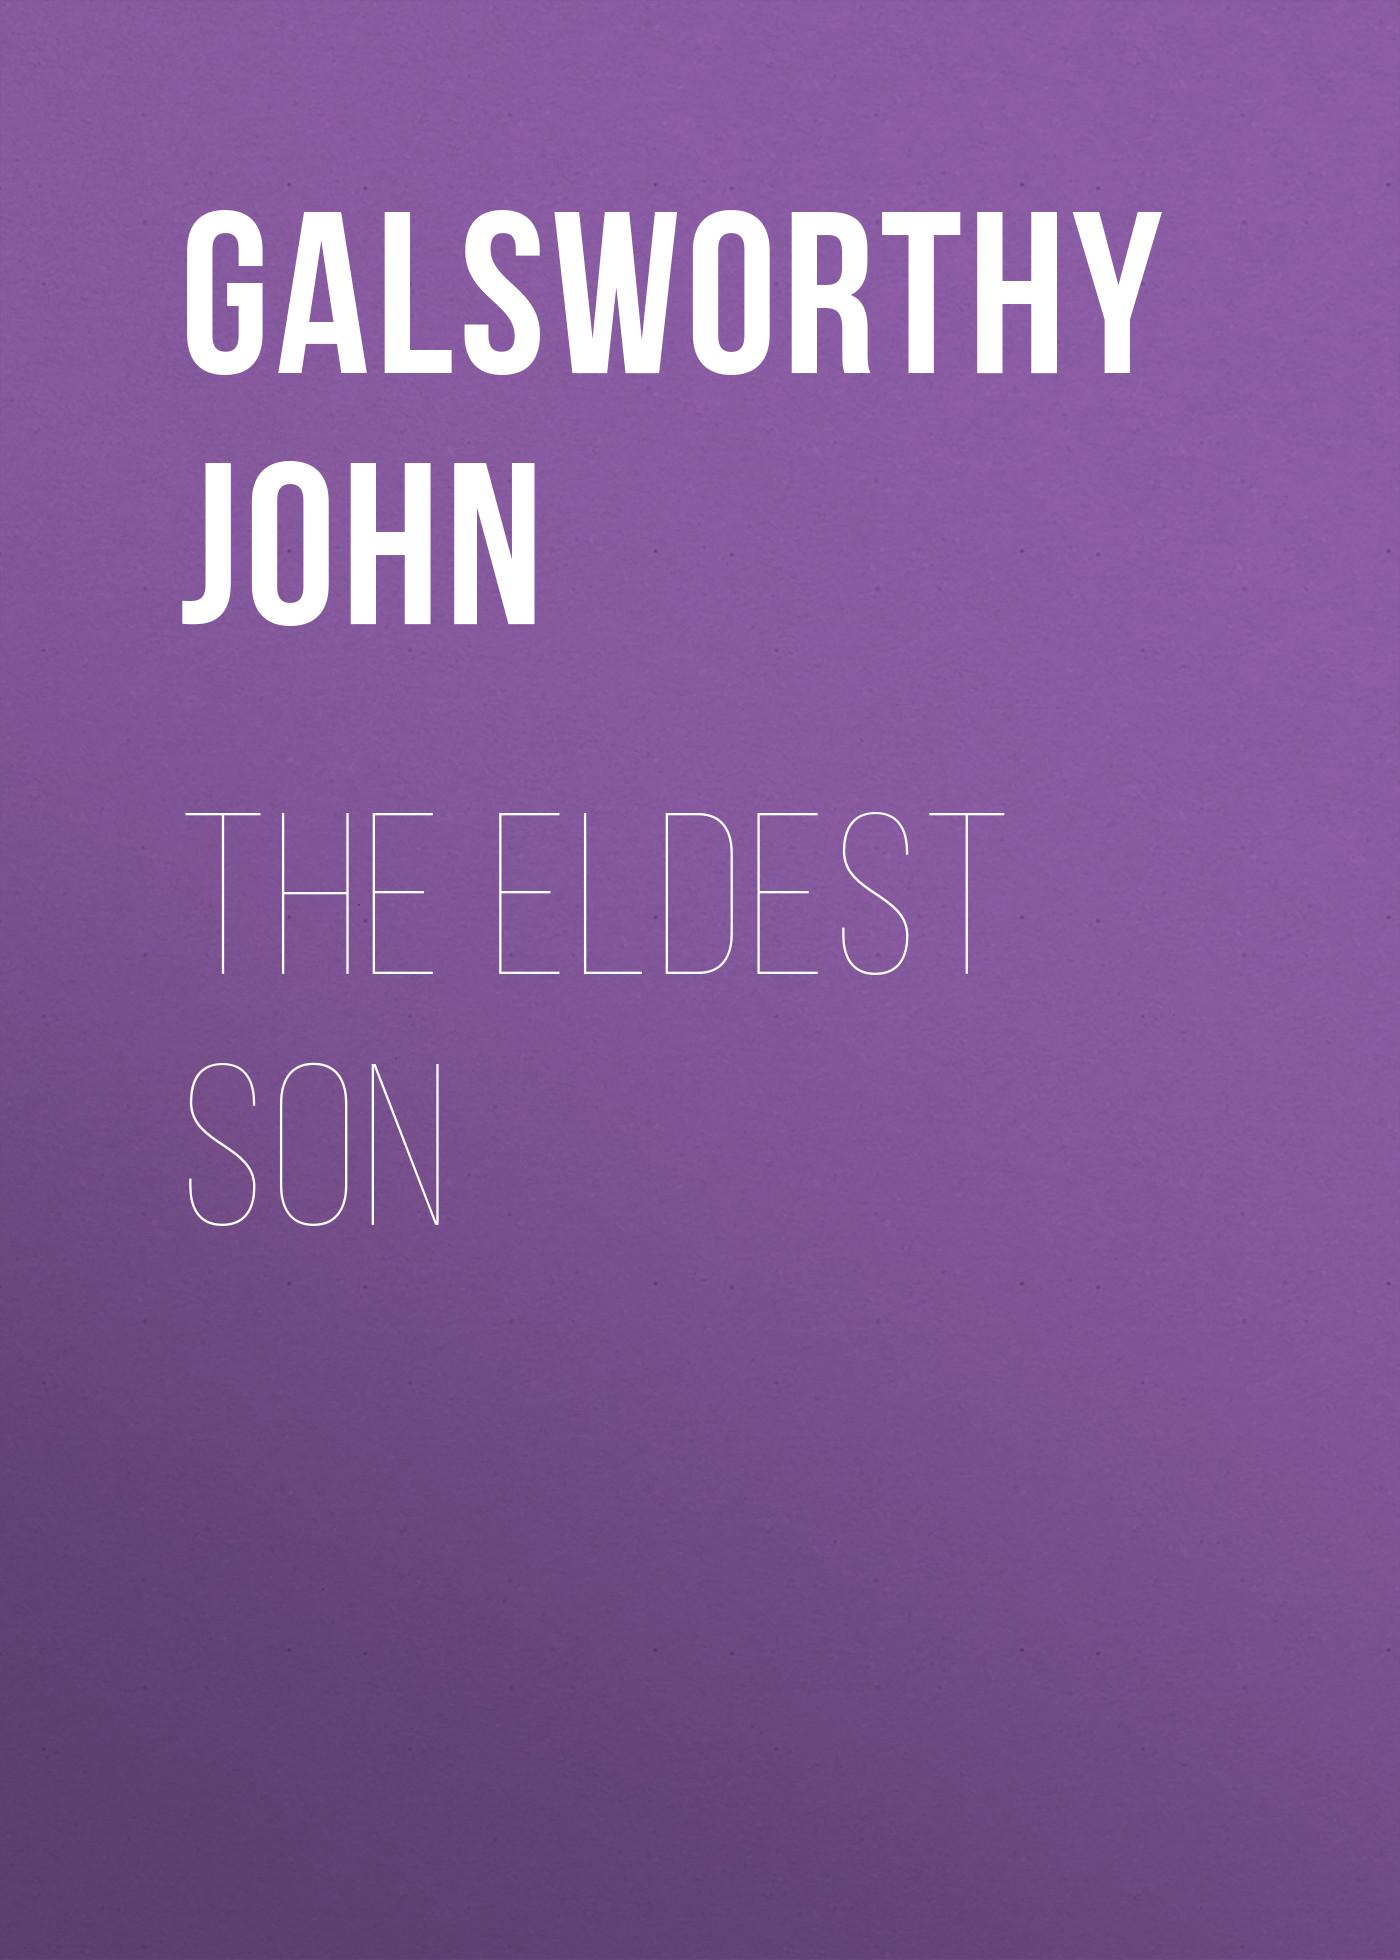 Galsworthy John The Eldest Son galsworthy john the eldest son